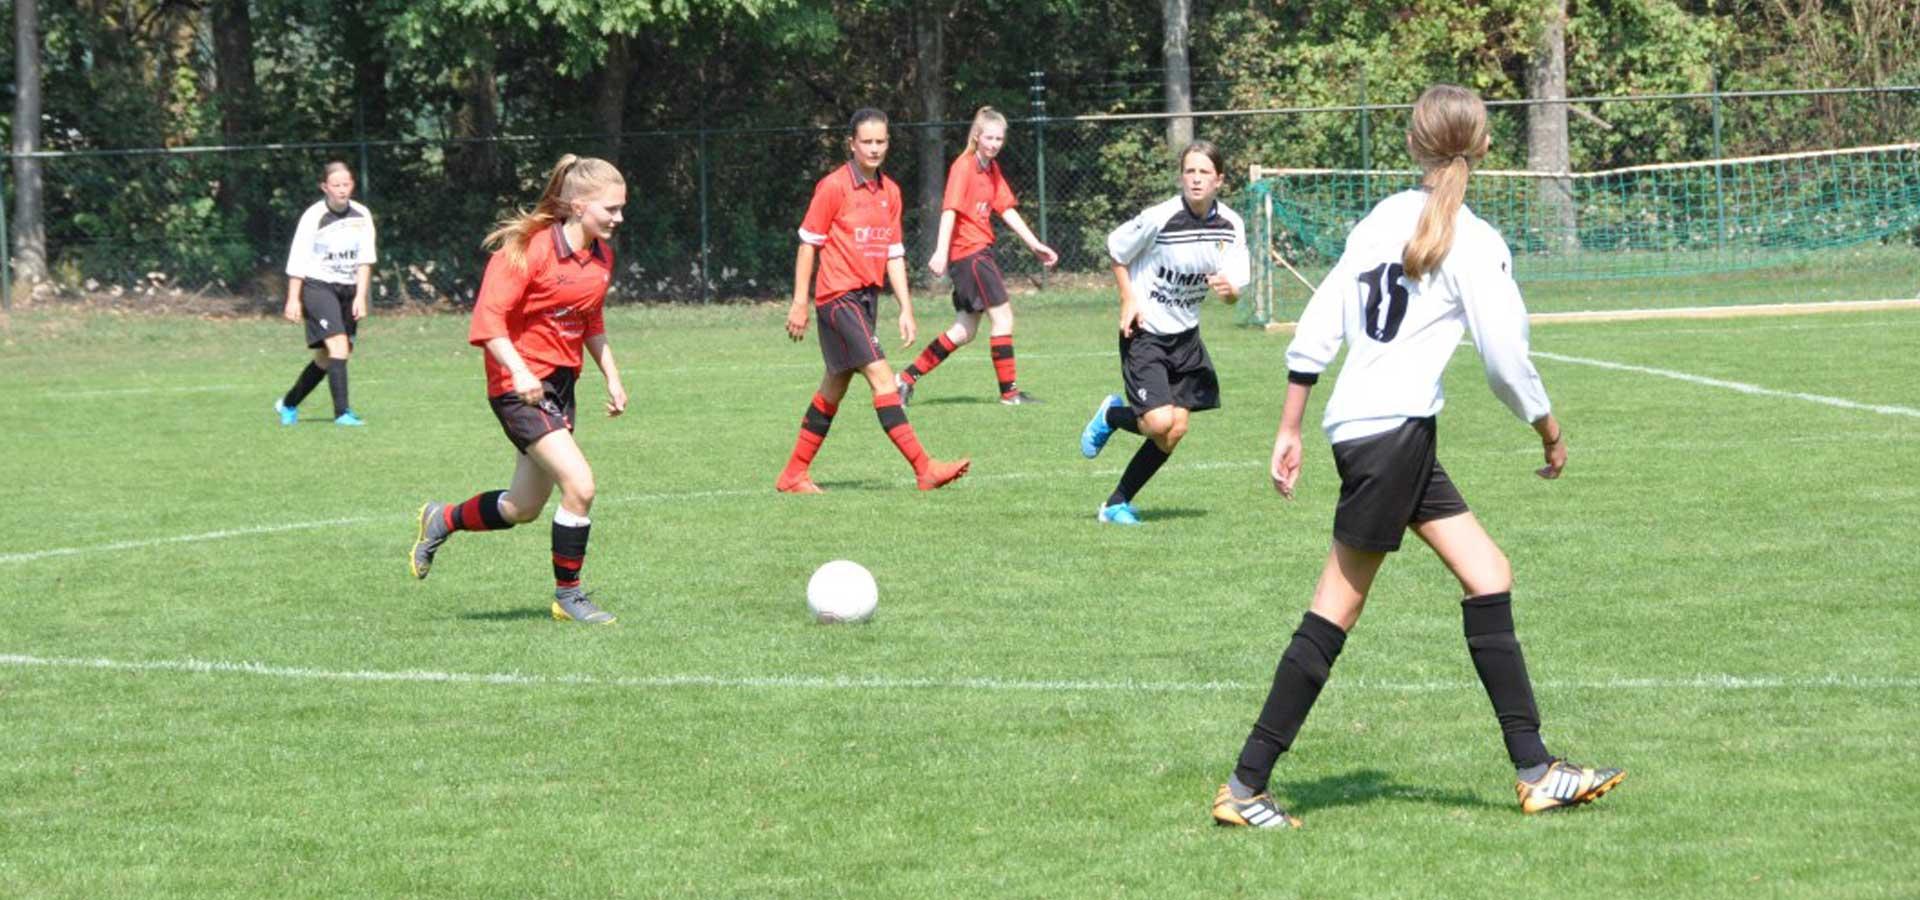 De meiden van VV Baarlo MO17-1 | website René Janssen